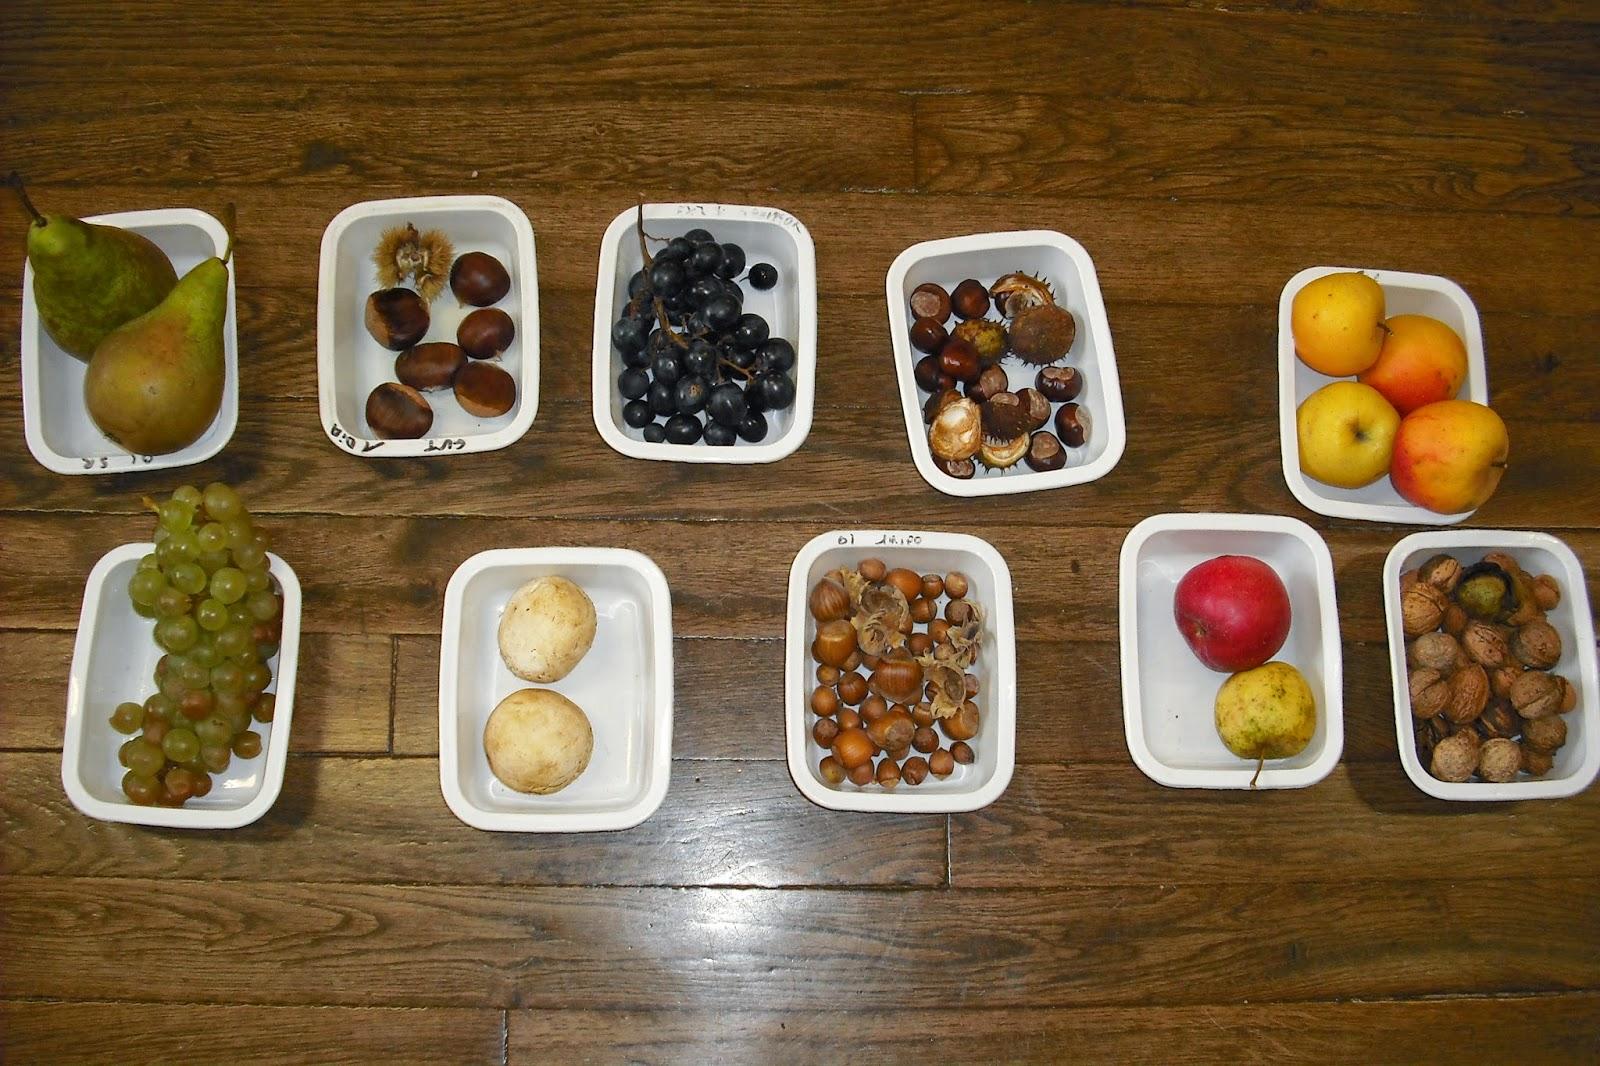 Ecole maternelle vitteaux les fruits de l 39 automne chez - Fruits automne maternelle ...